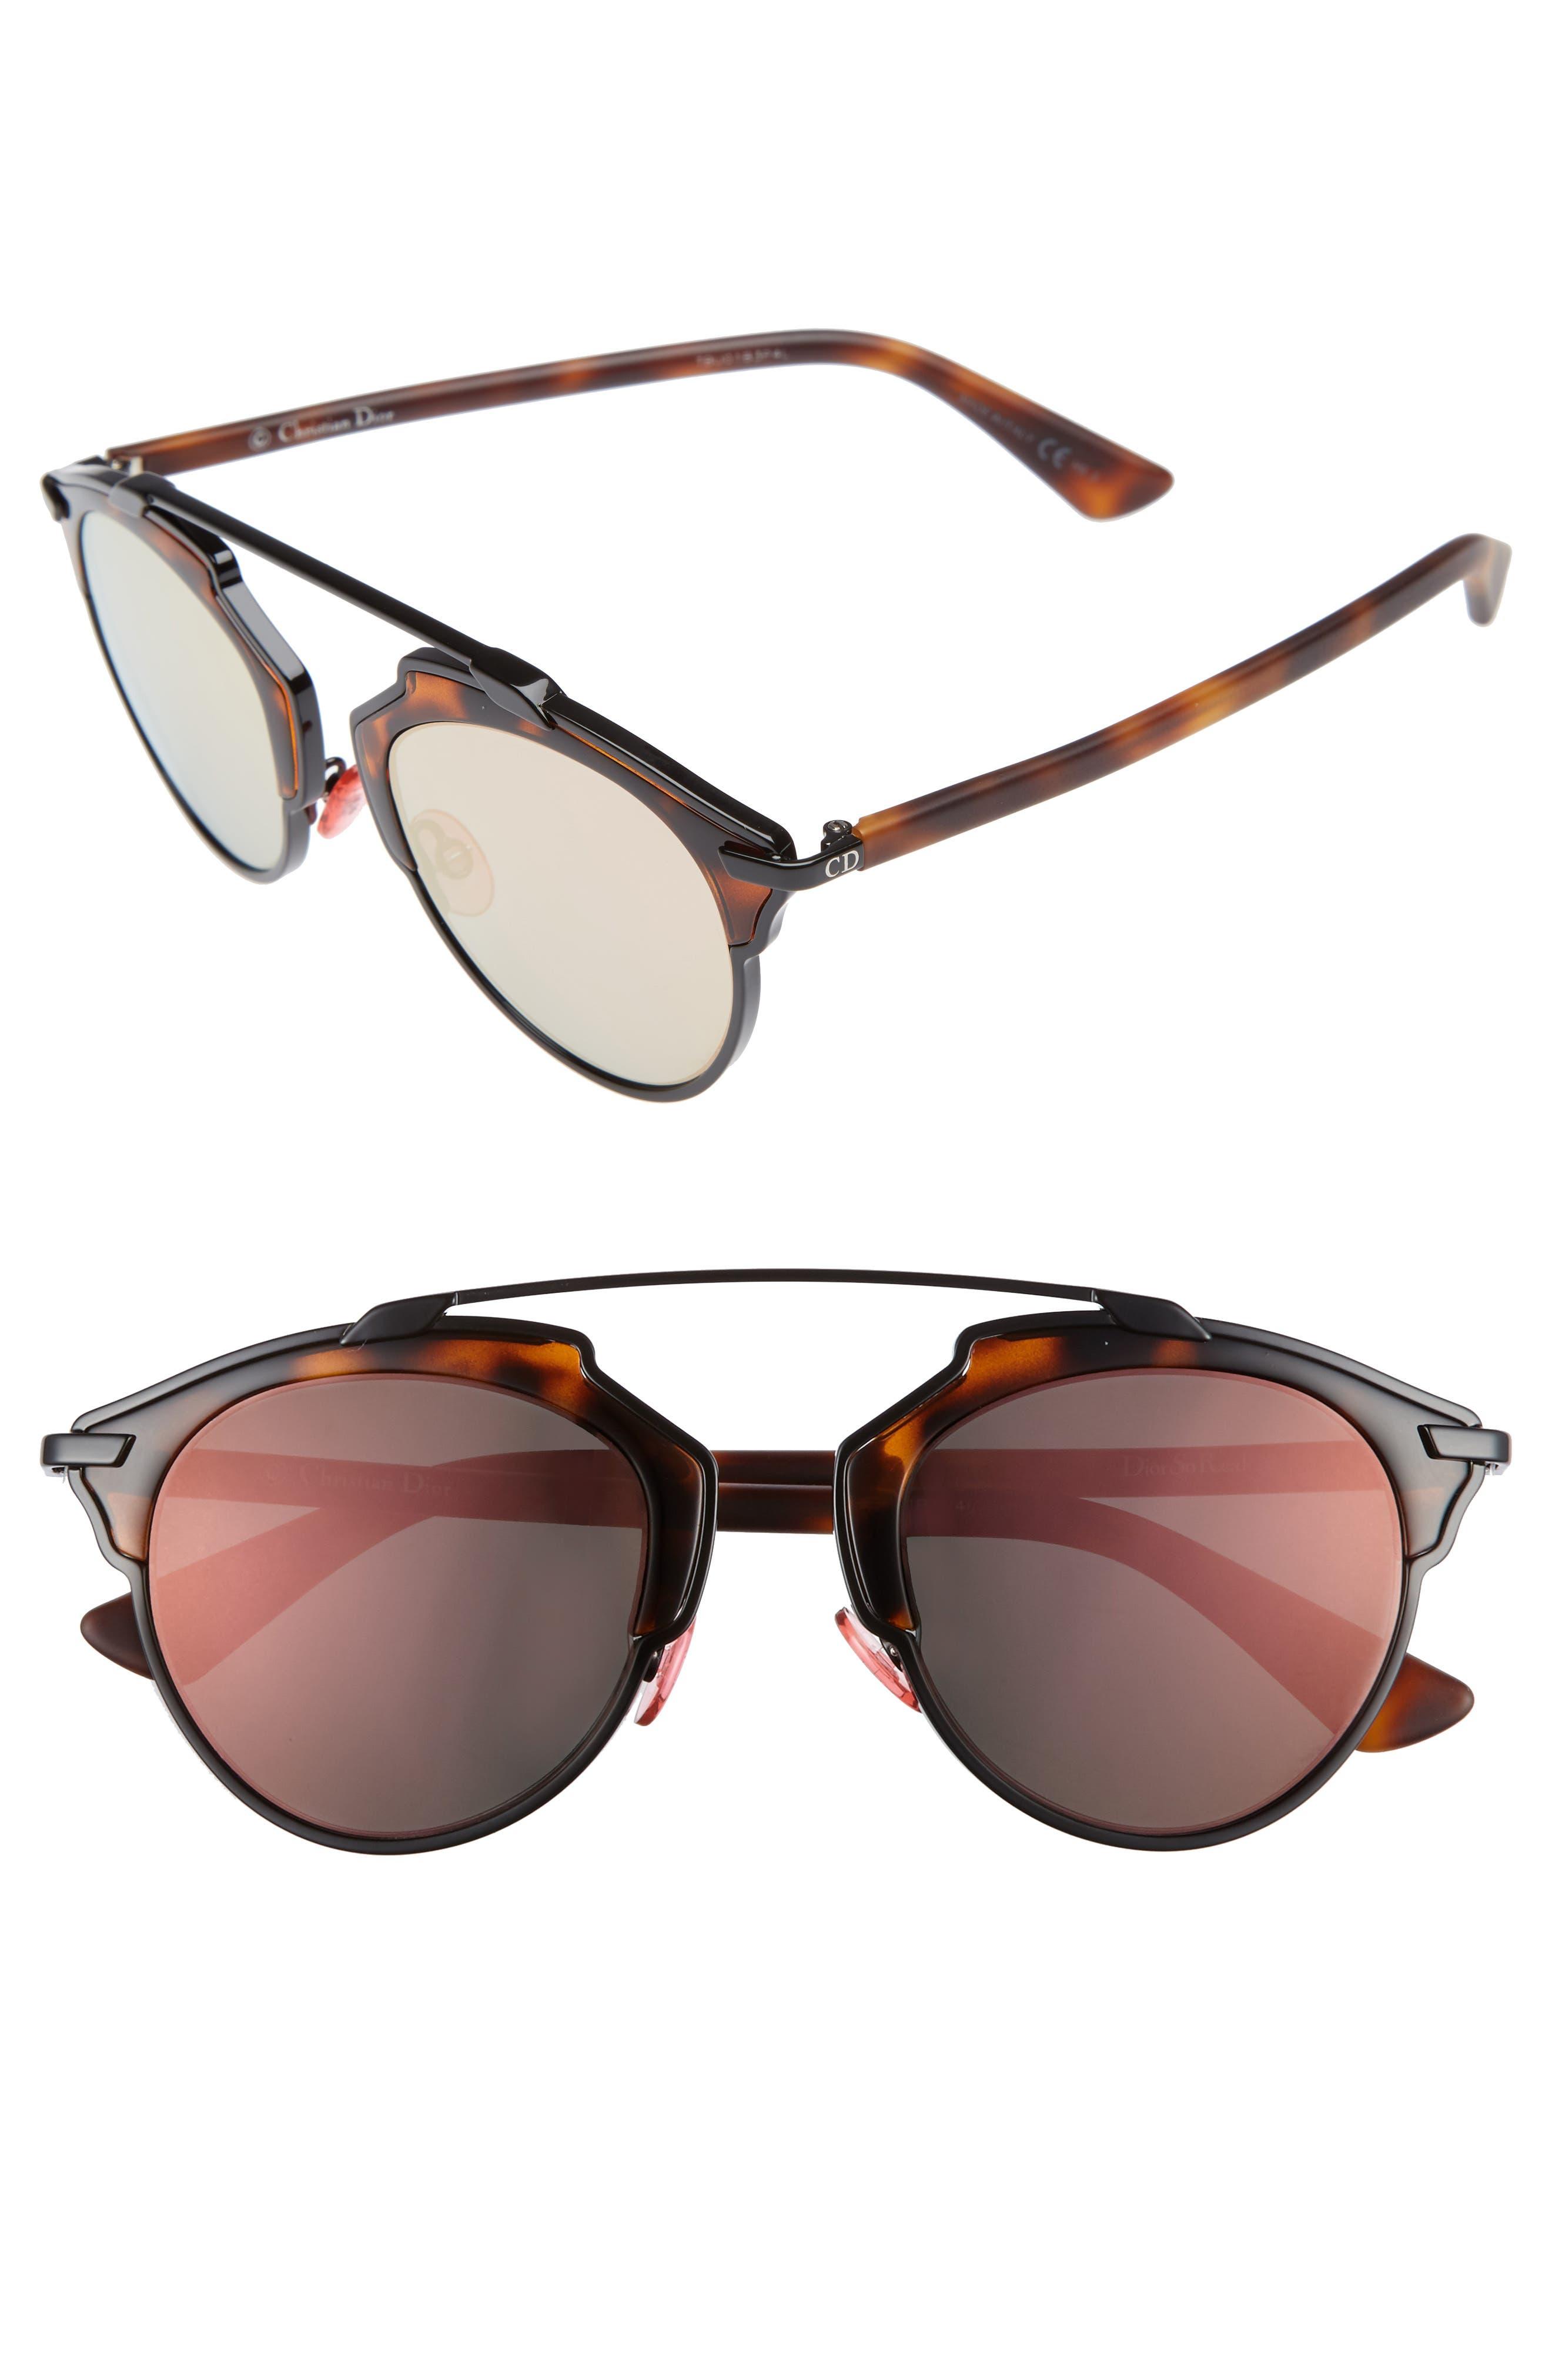 So Real 48mm Brow Bar Sunglasses,                             Main thumbnail 6, color,